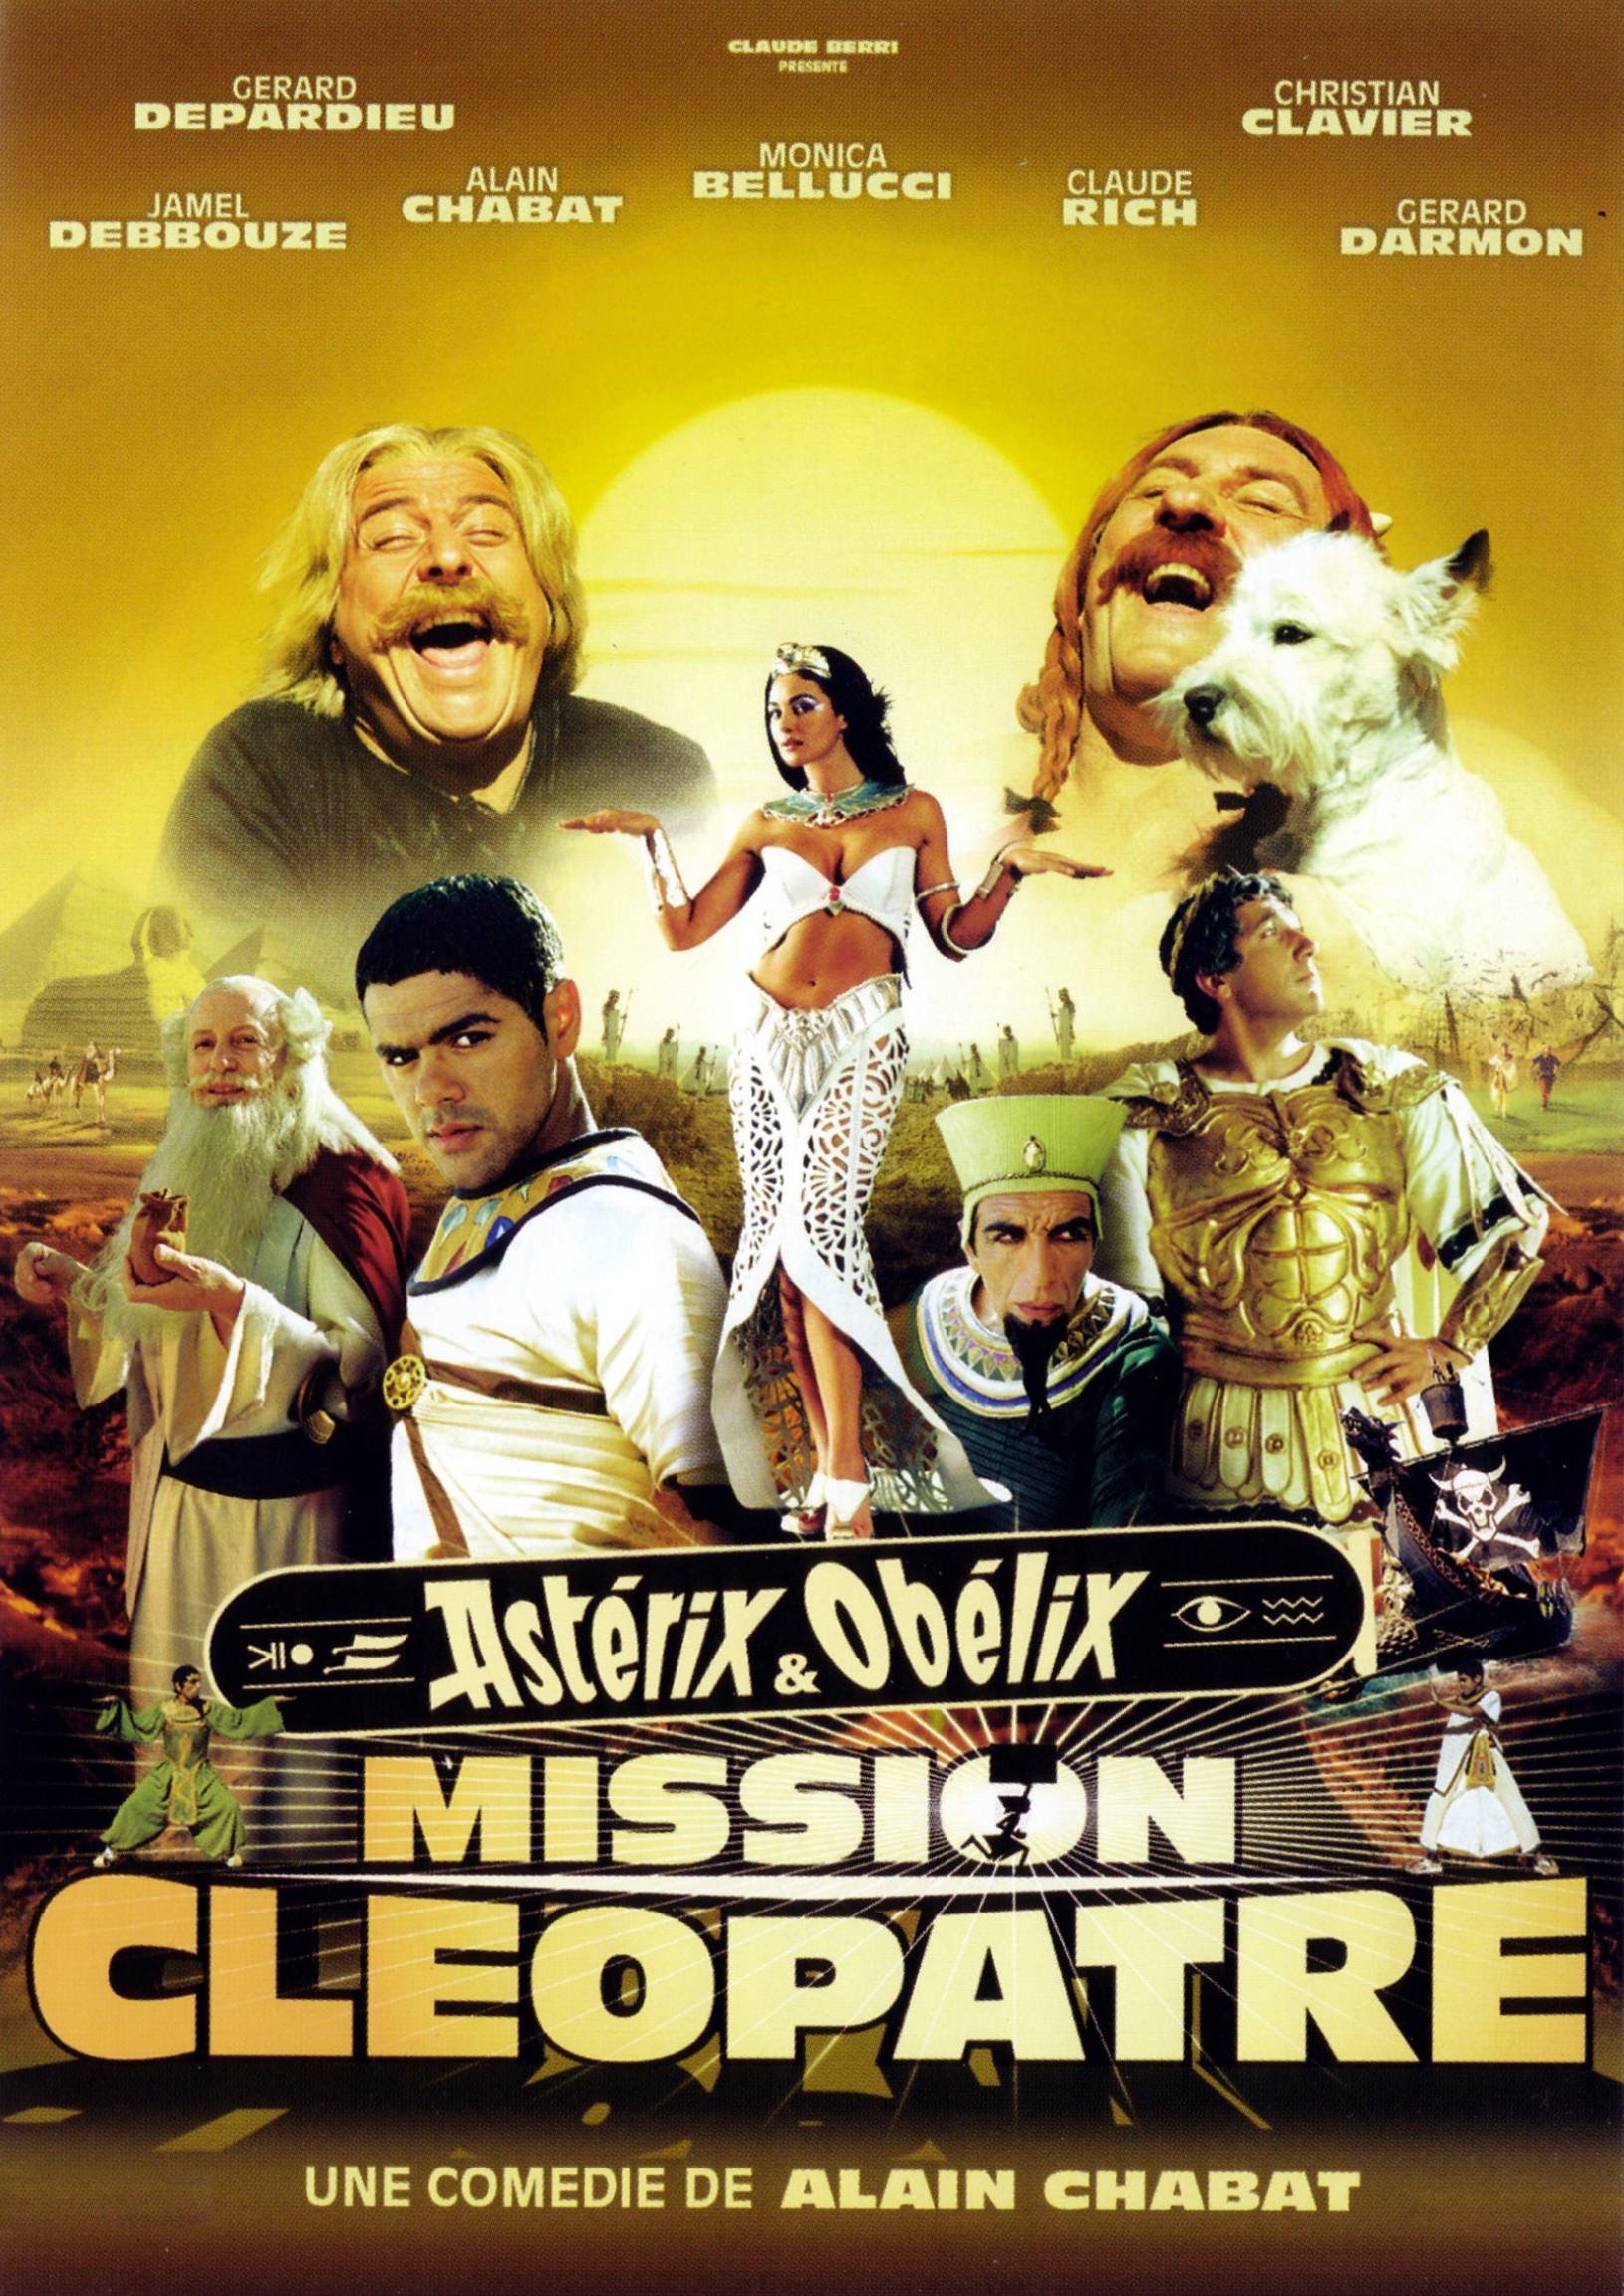 asterix-obelix-mission-cleopatre-chabat